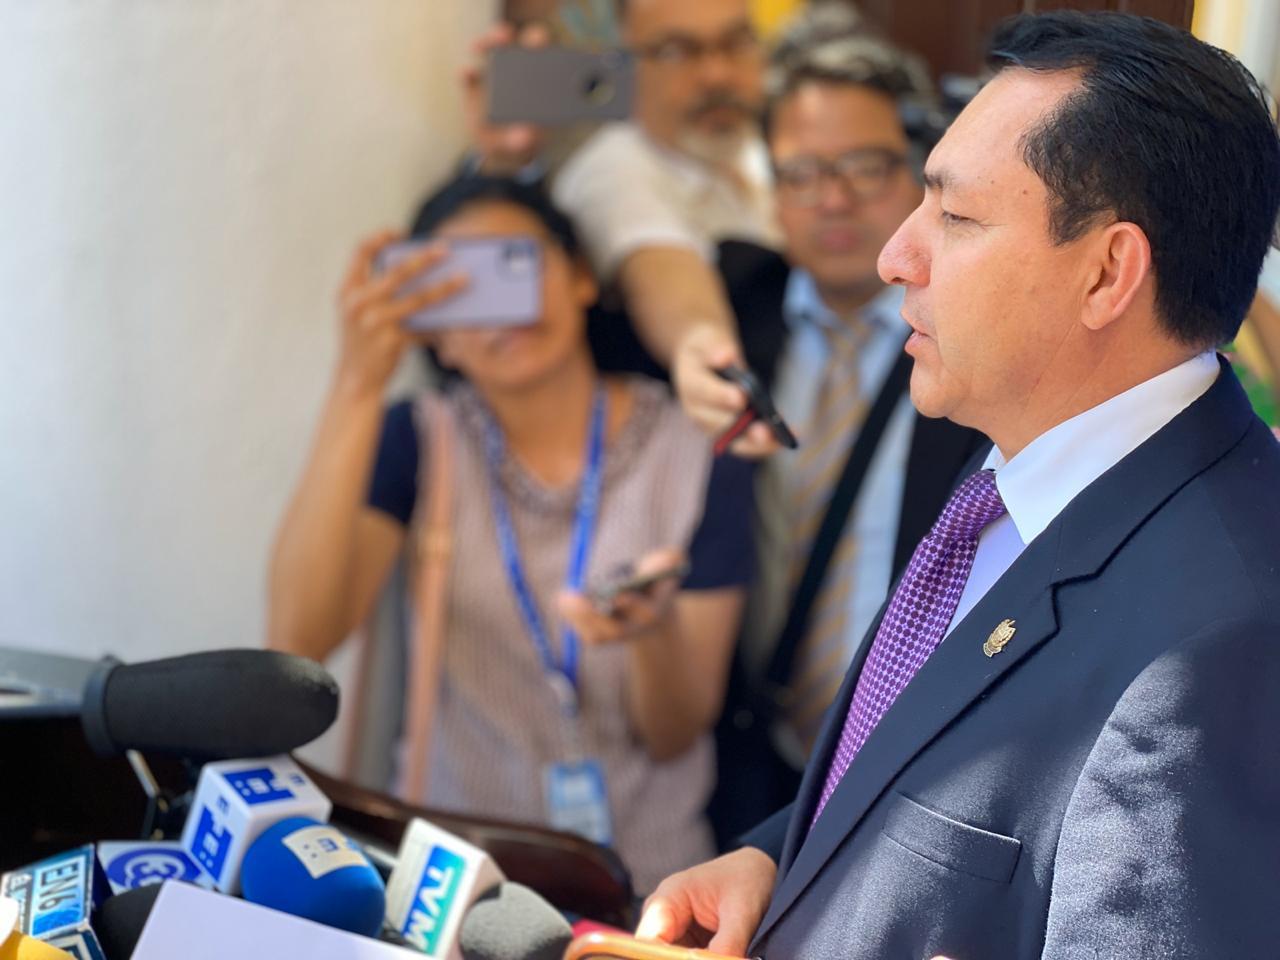 Mario Ponce: Invasión a la Asamblea Legislativa fue intento de golpe de Estado